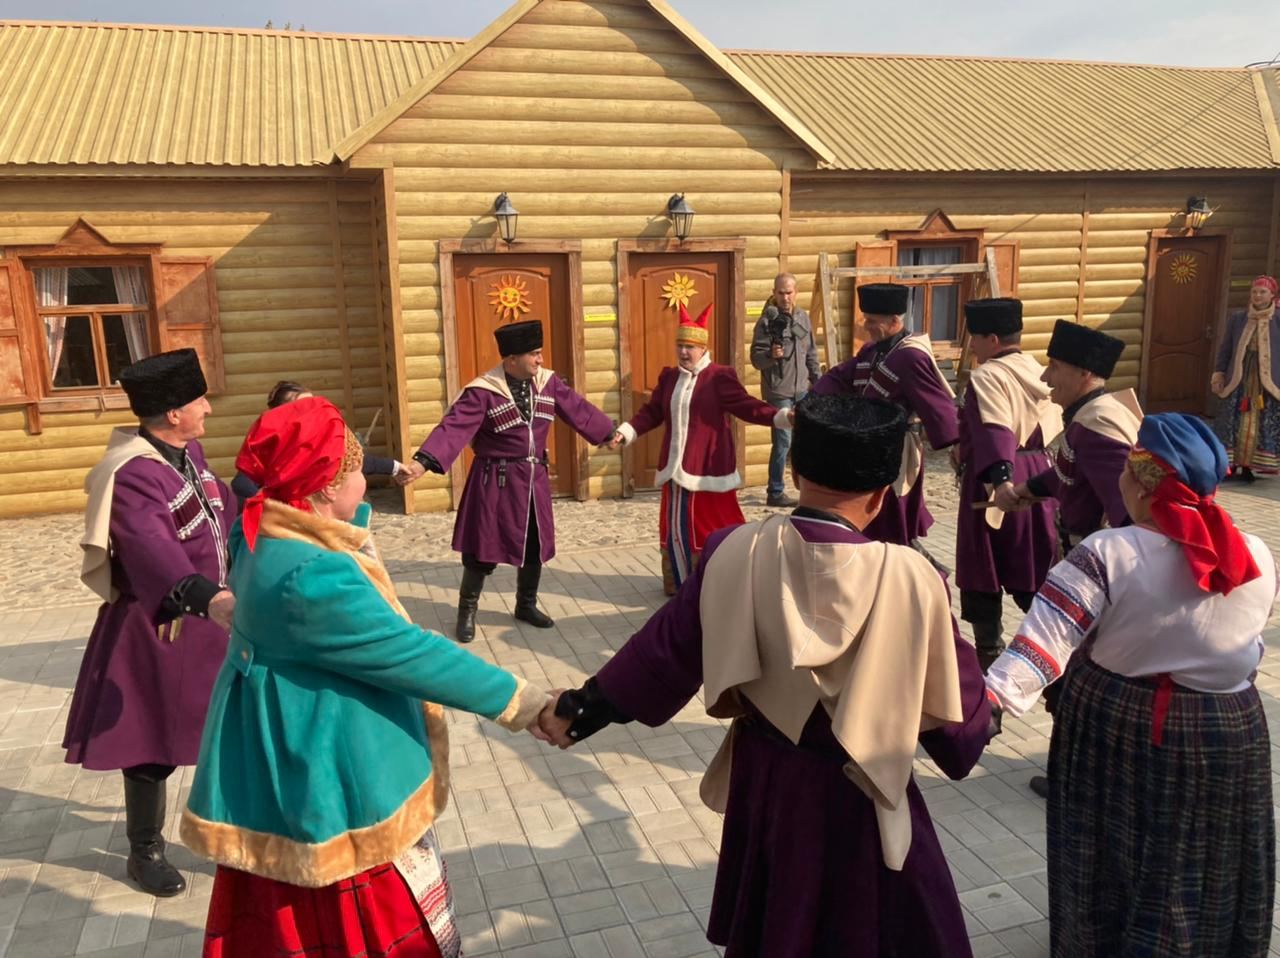 Творческие коллективы из Дагестана, Донецкой Народной Республики и Костромской области дали концерты в селах Астраханской области